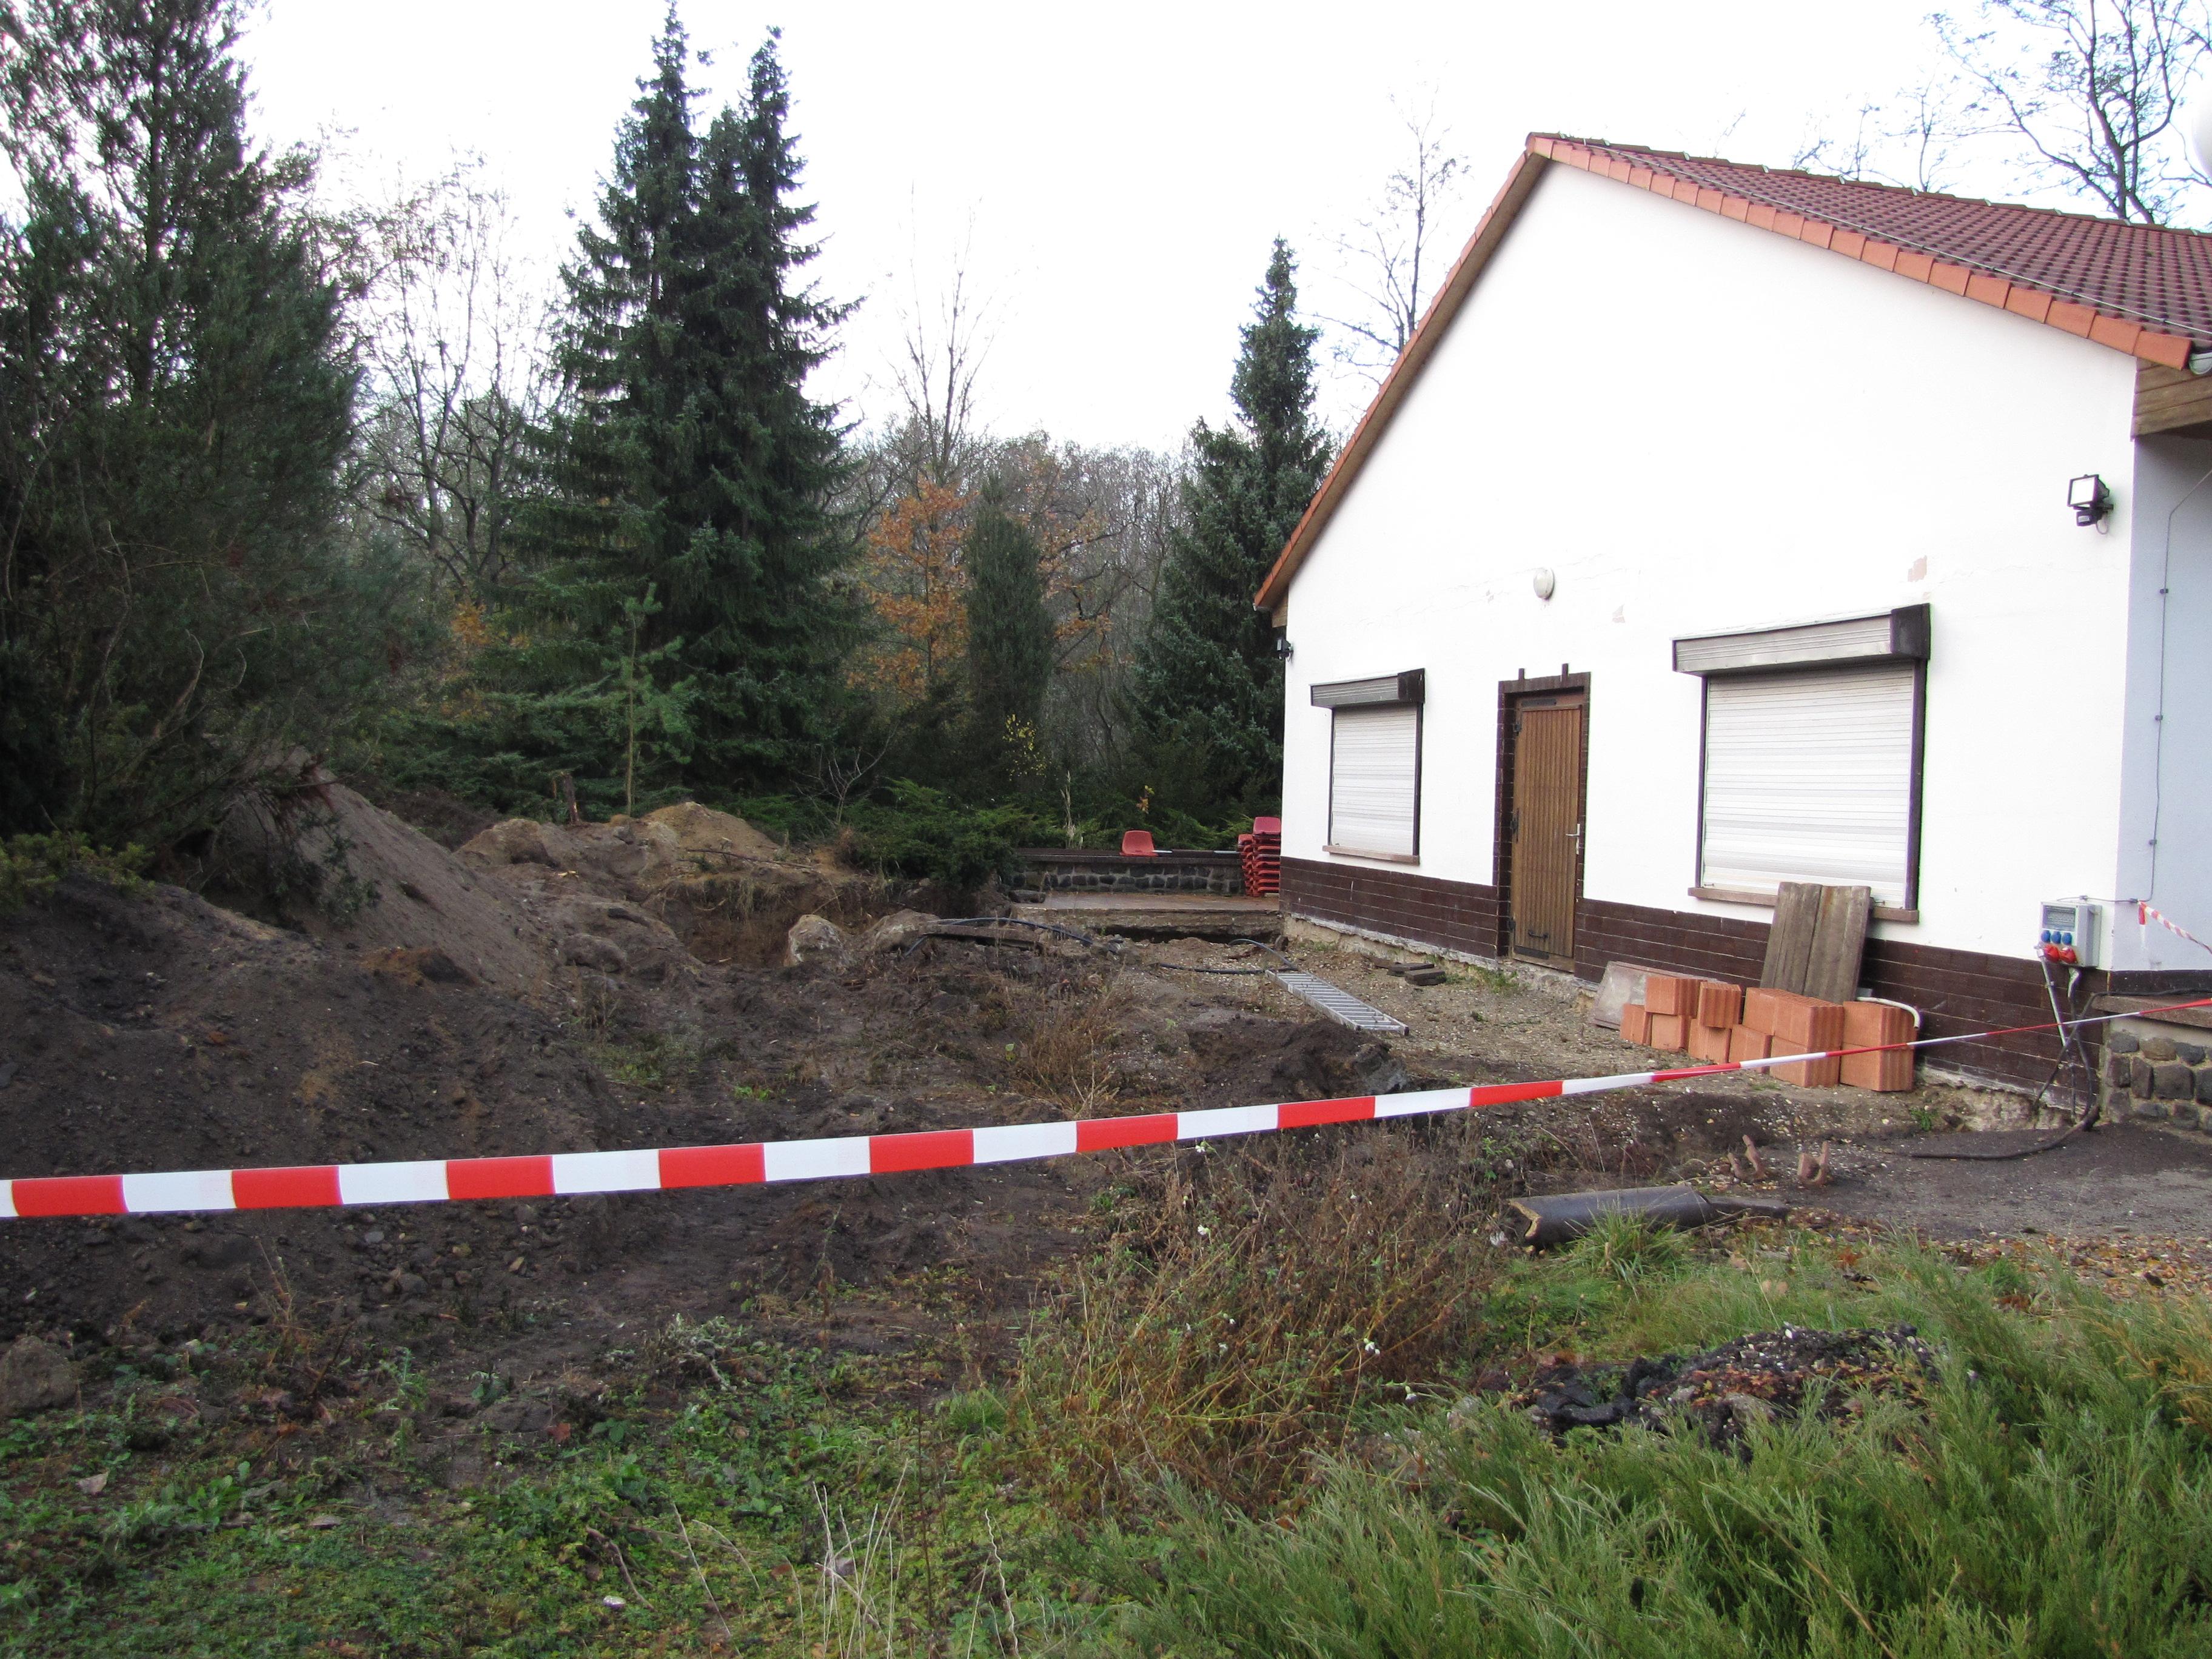 Sanitäranbau, geplante Fertigstellung 2013